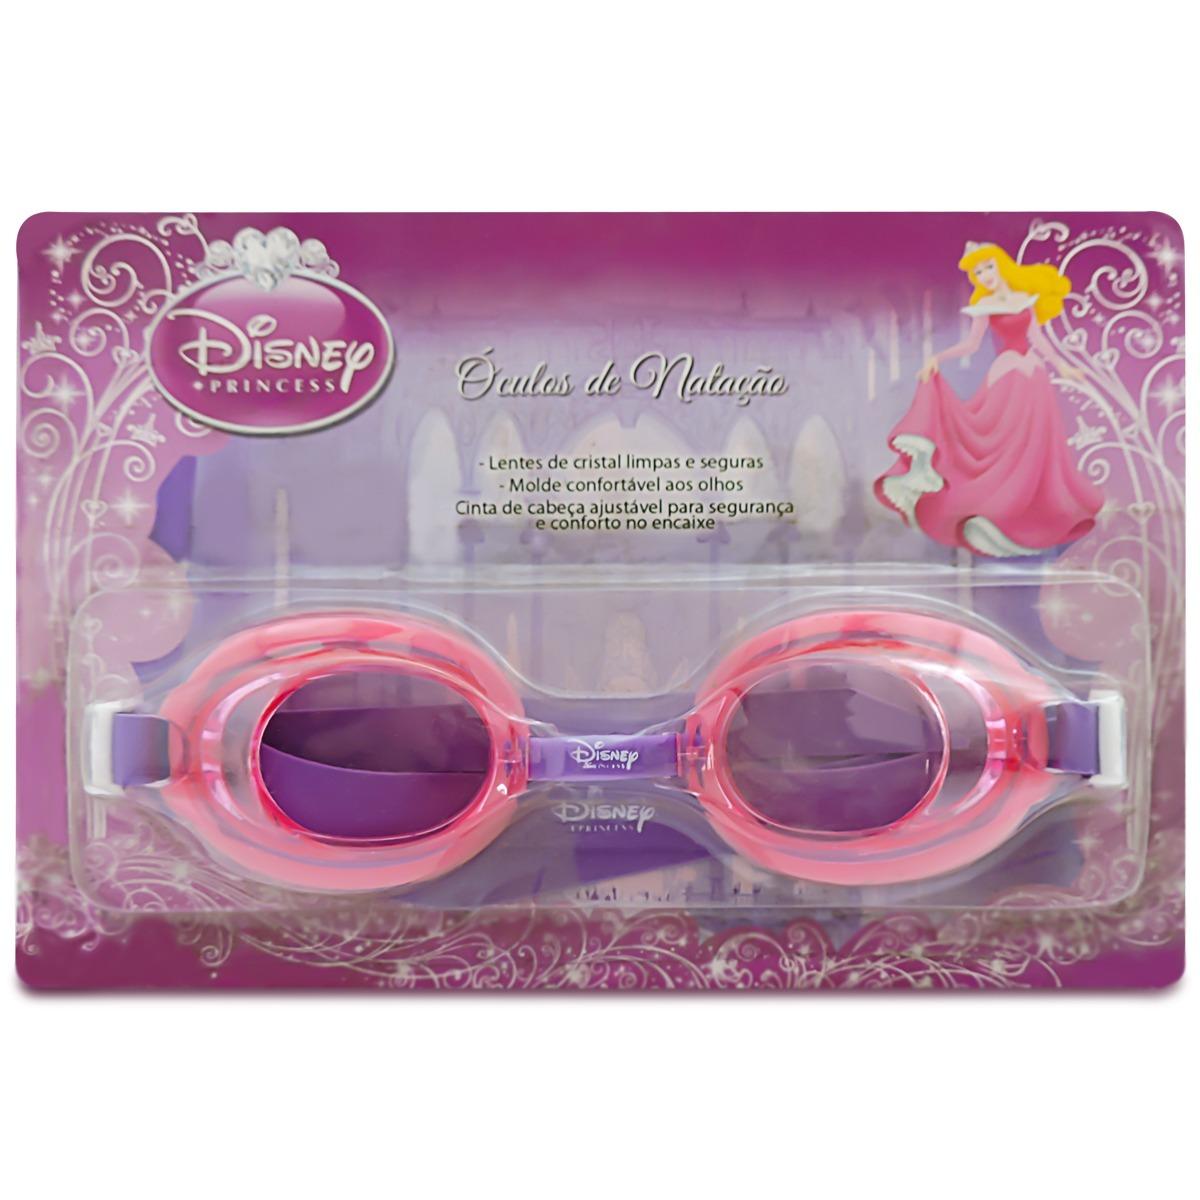 be2d3faa4 óculos de natação infantil princesa disney lentes de cristal. Carregando  zoom.